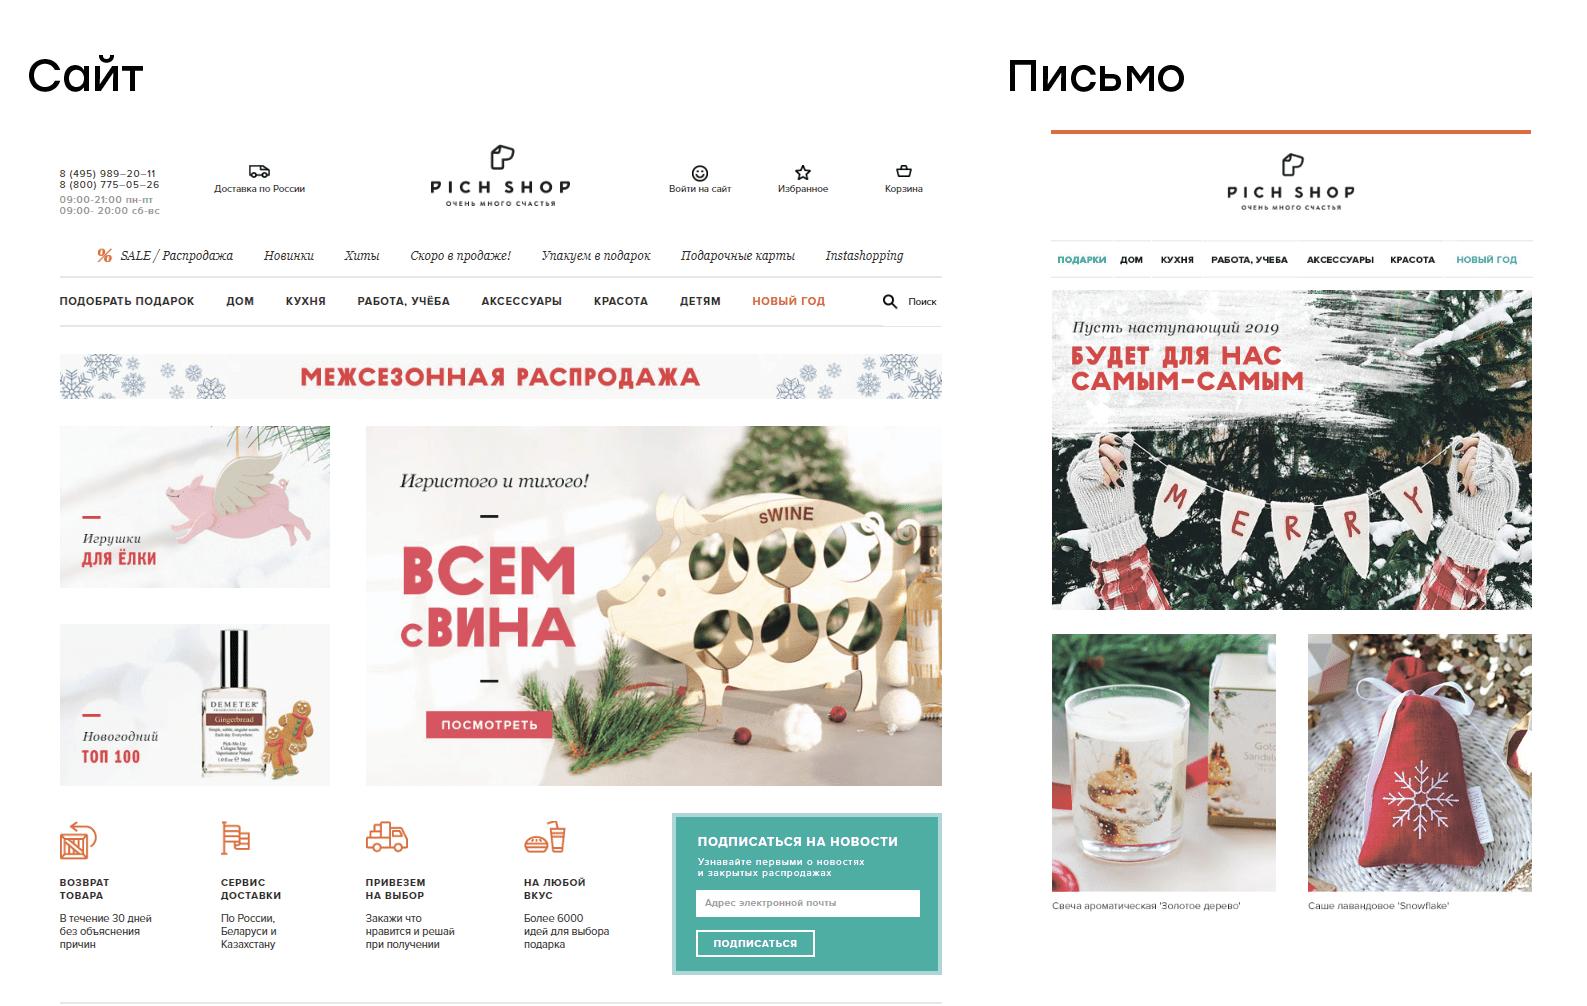 Сайт и письмо PichShop выполнены в одном стиле